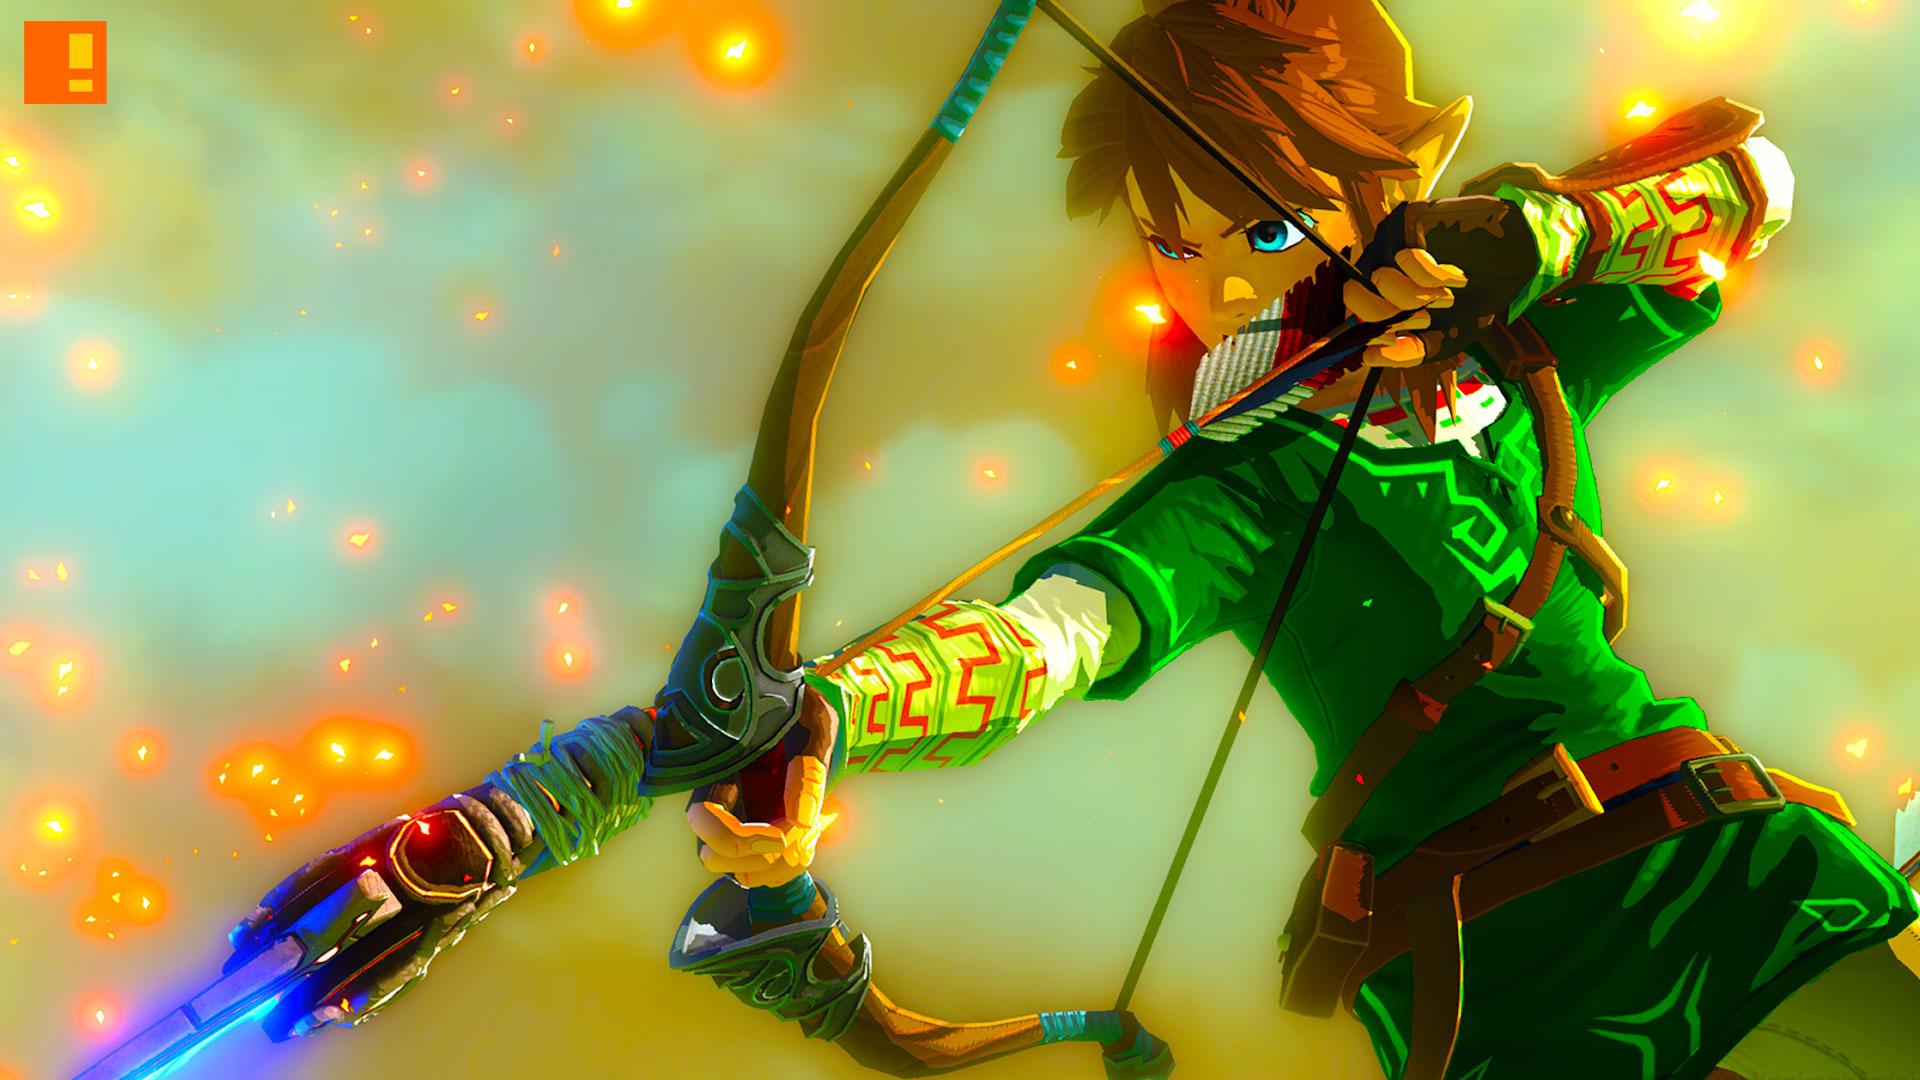 Legend Of Zelda Breath Of The Wild Wallpaper Zelda Breath Of The